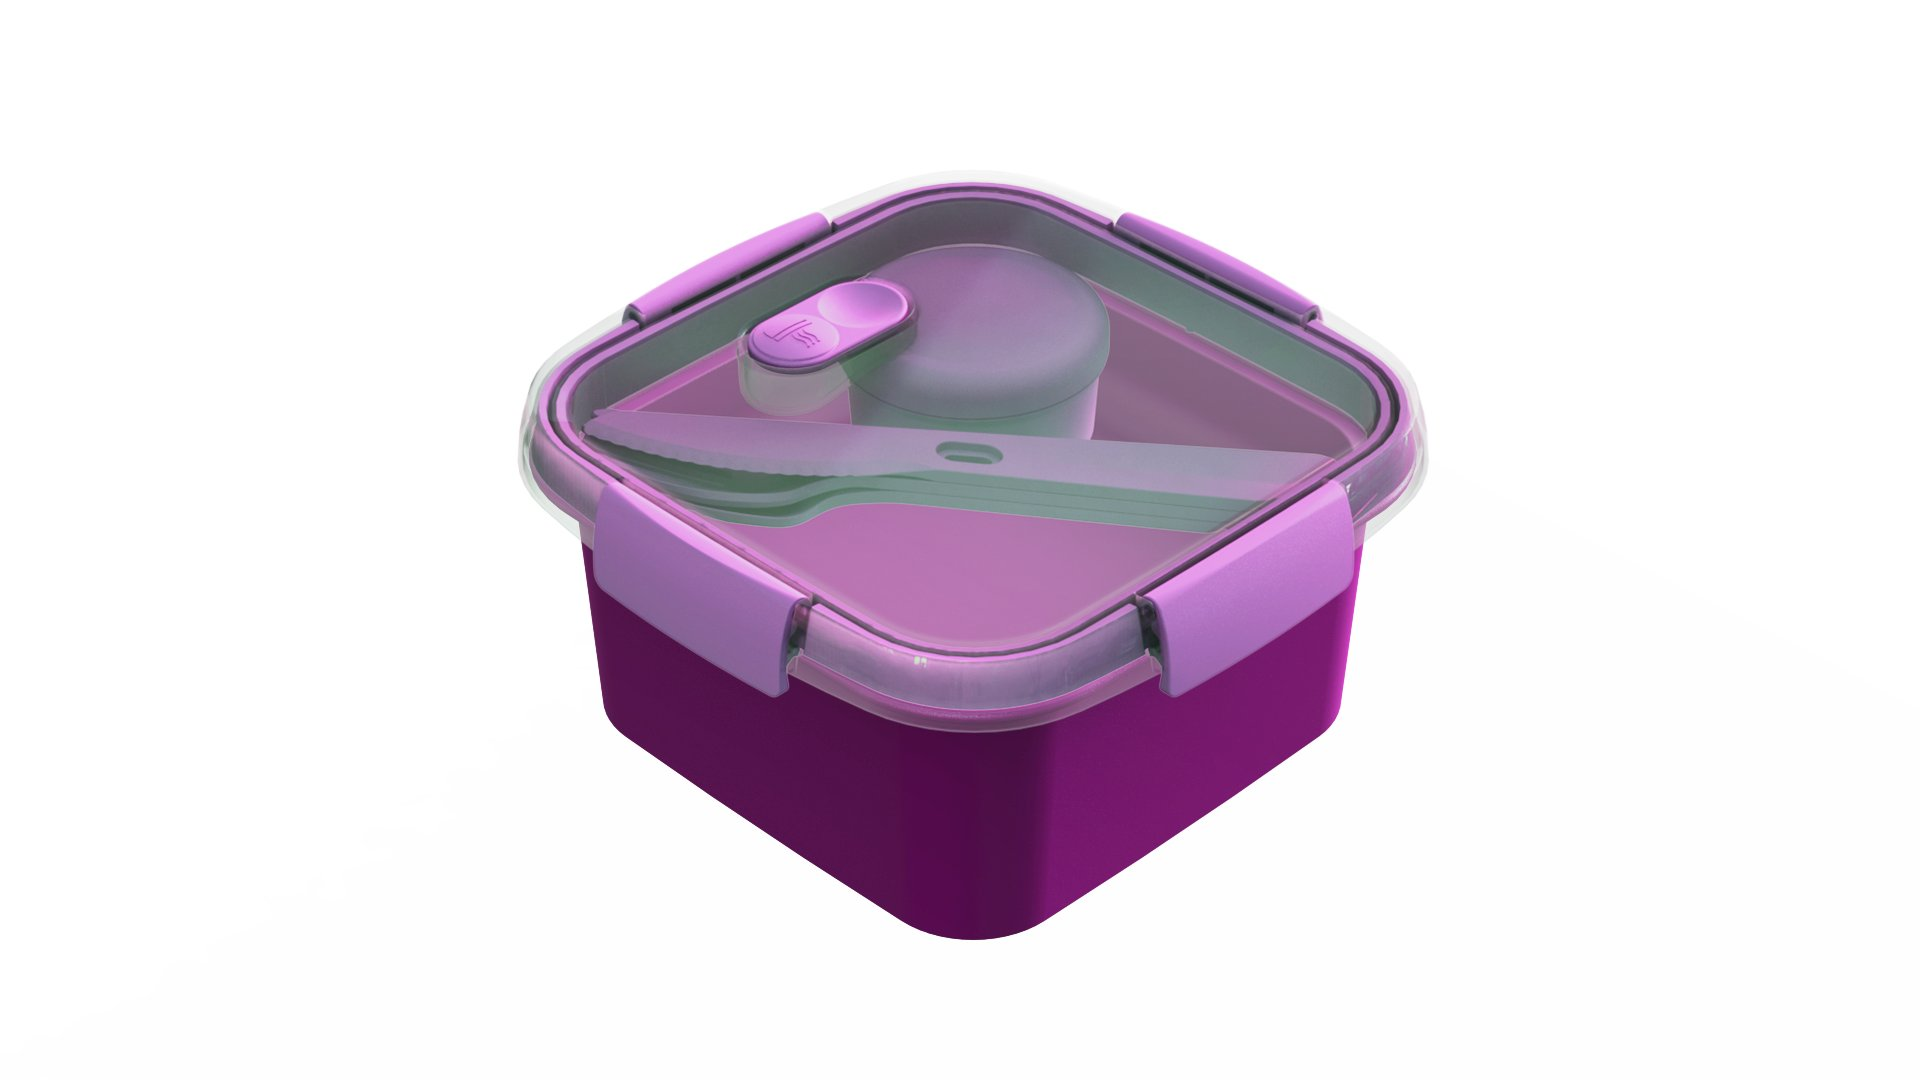 Curver dóza SMART TO GO 1,1l s příborem, mističkou a táckem fialová